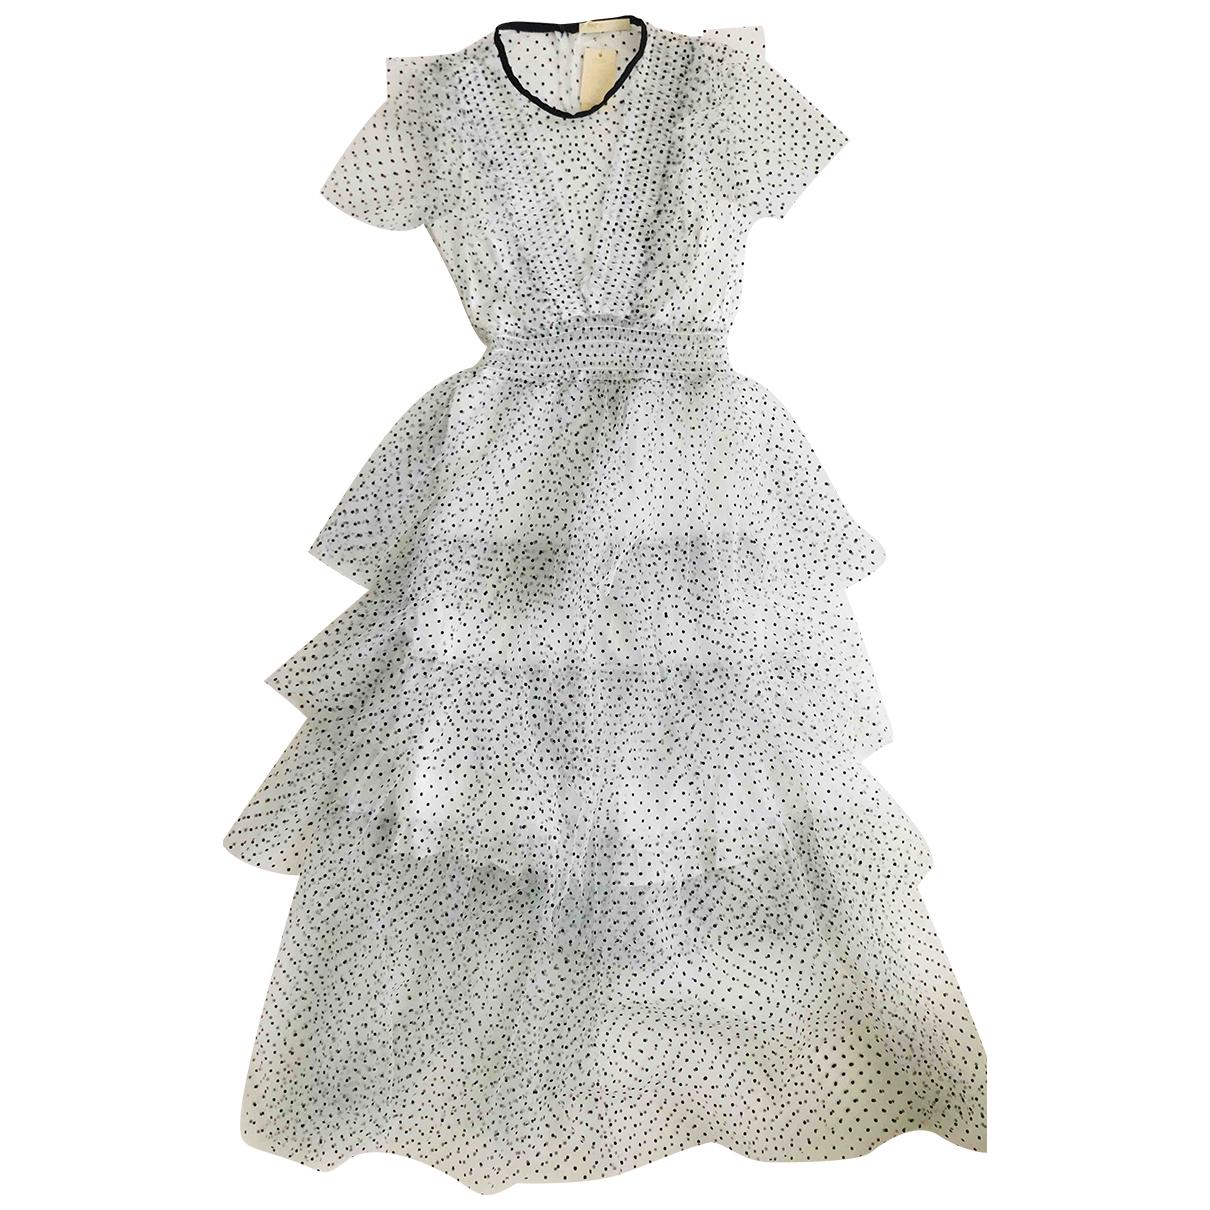 Maje Spring Summer 2020 White dress for Women 1 0-5